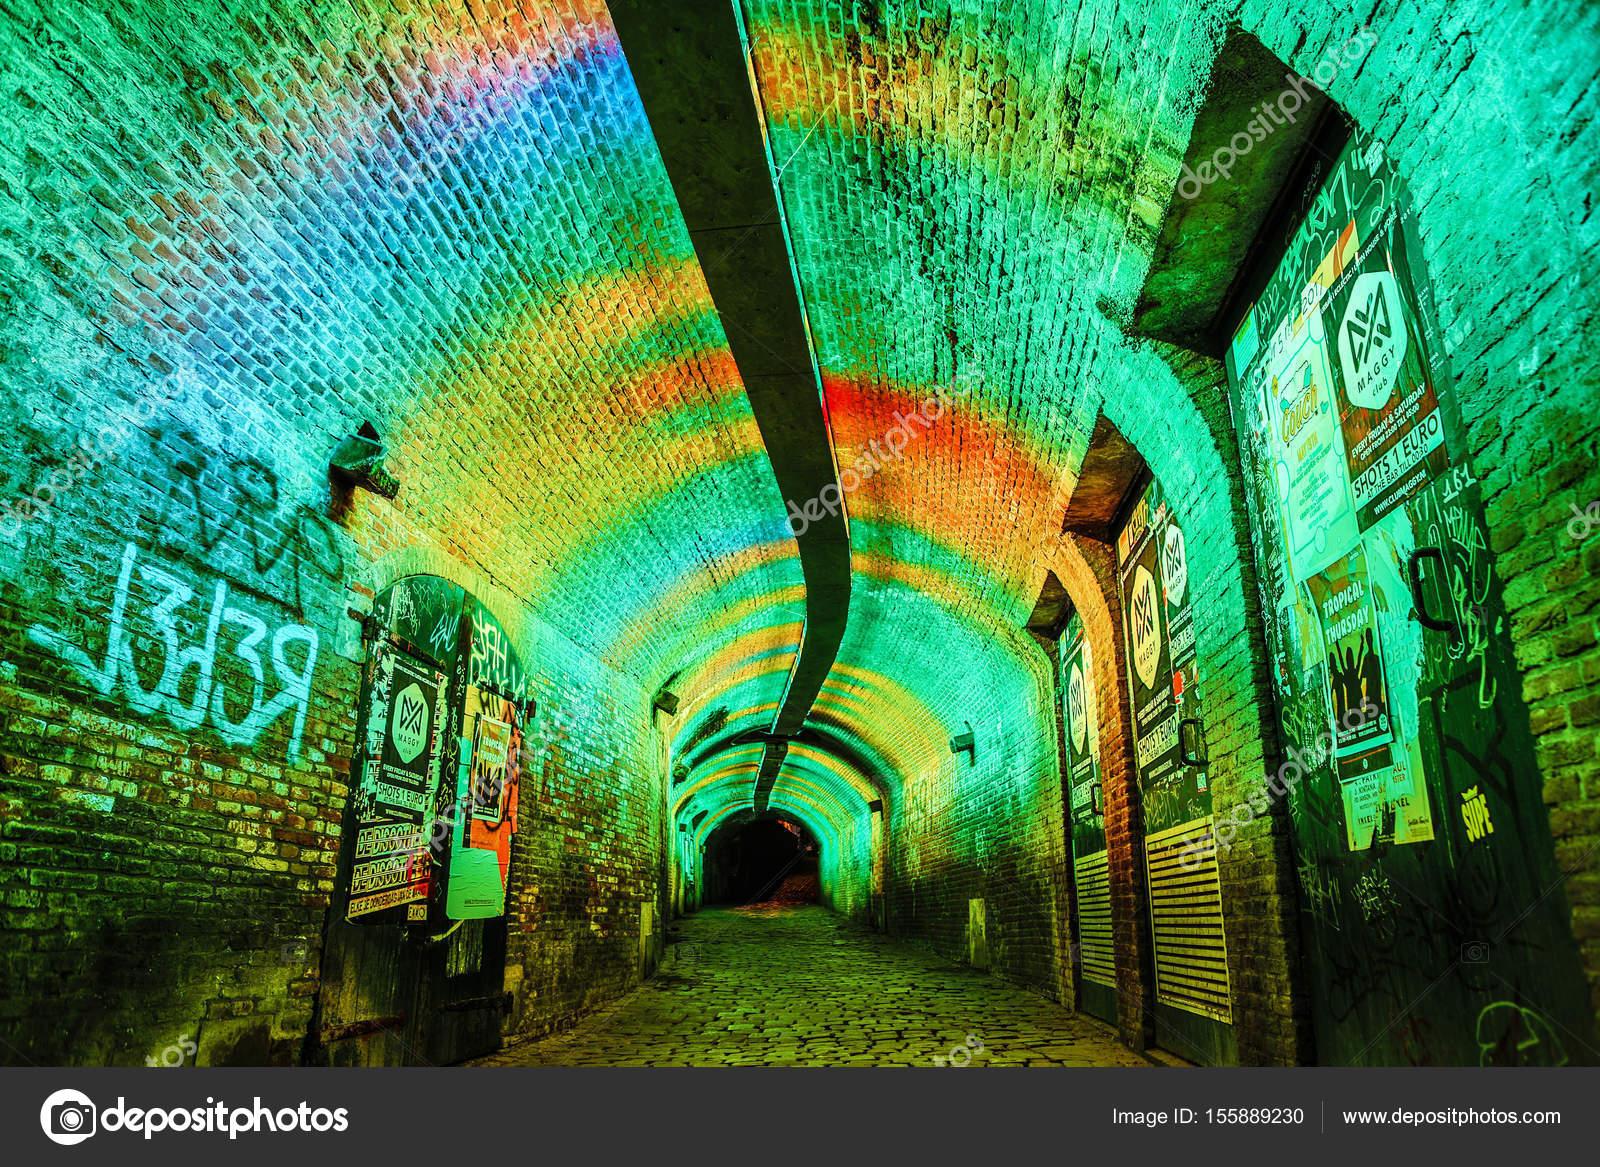 utrecht nederland 28 mei 2017 meerkleurige tunnel verlichting in utrecht stad mei 28 2017 in utrecht nederland foto van innervision